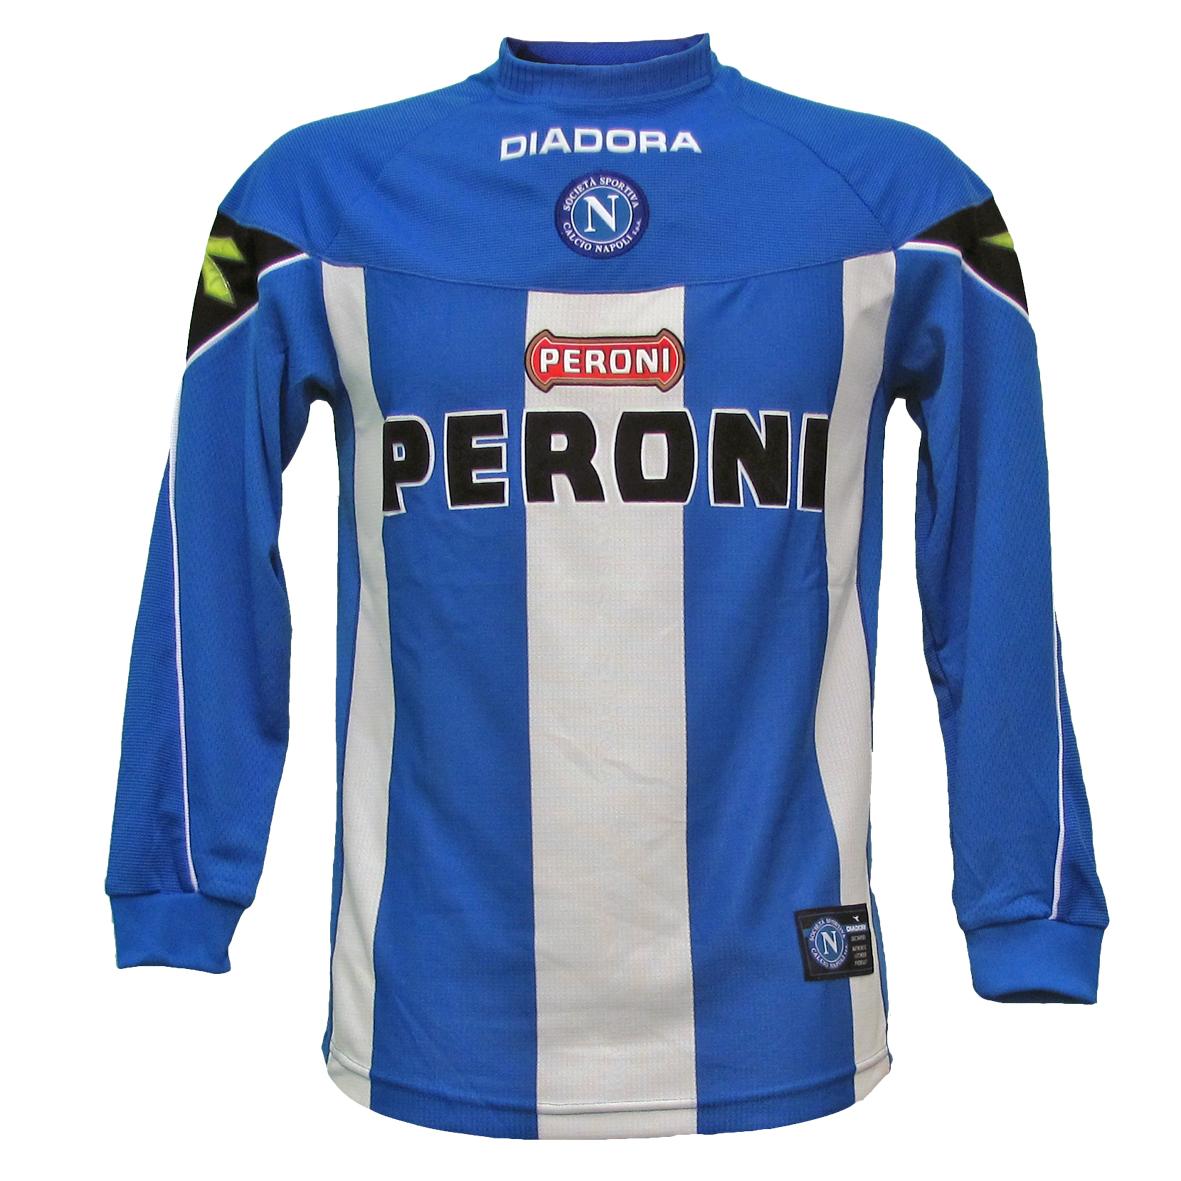 napoli-peroni-azzurra-argentina-diadora.